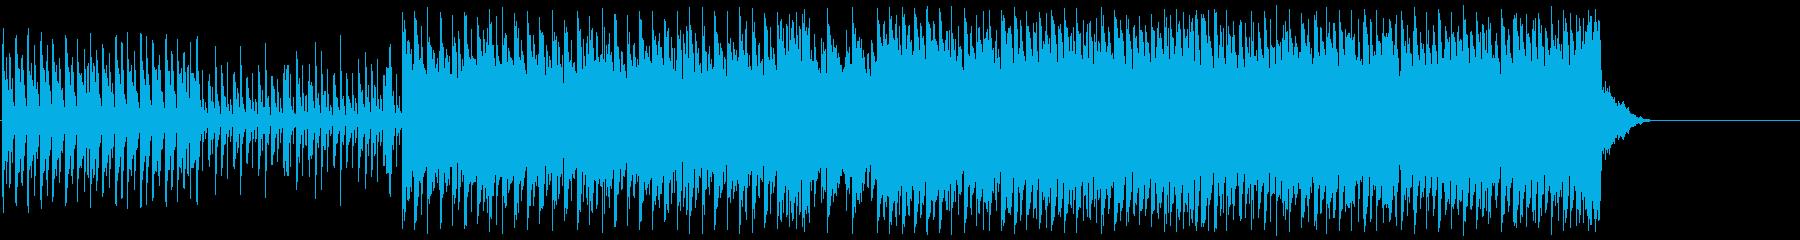 登場 オープニング わくわく ドライブ感の再生済みの波形